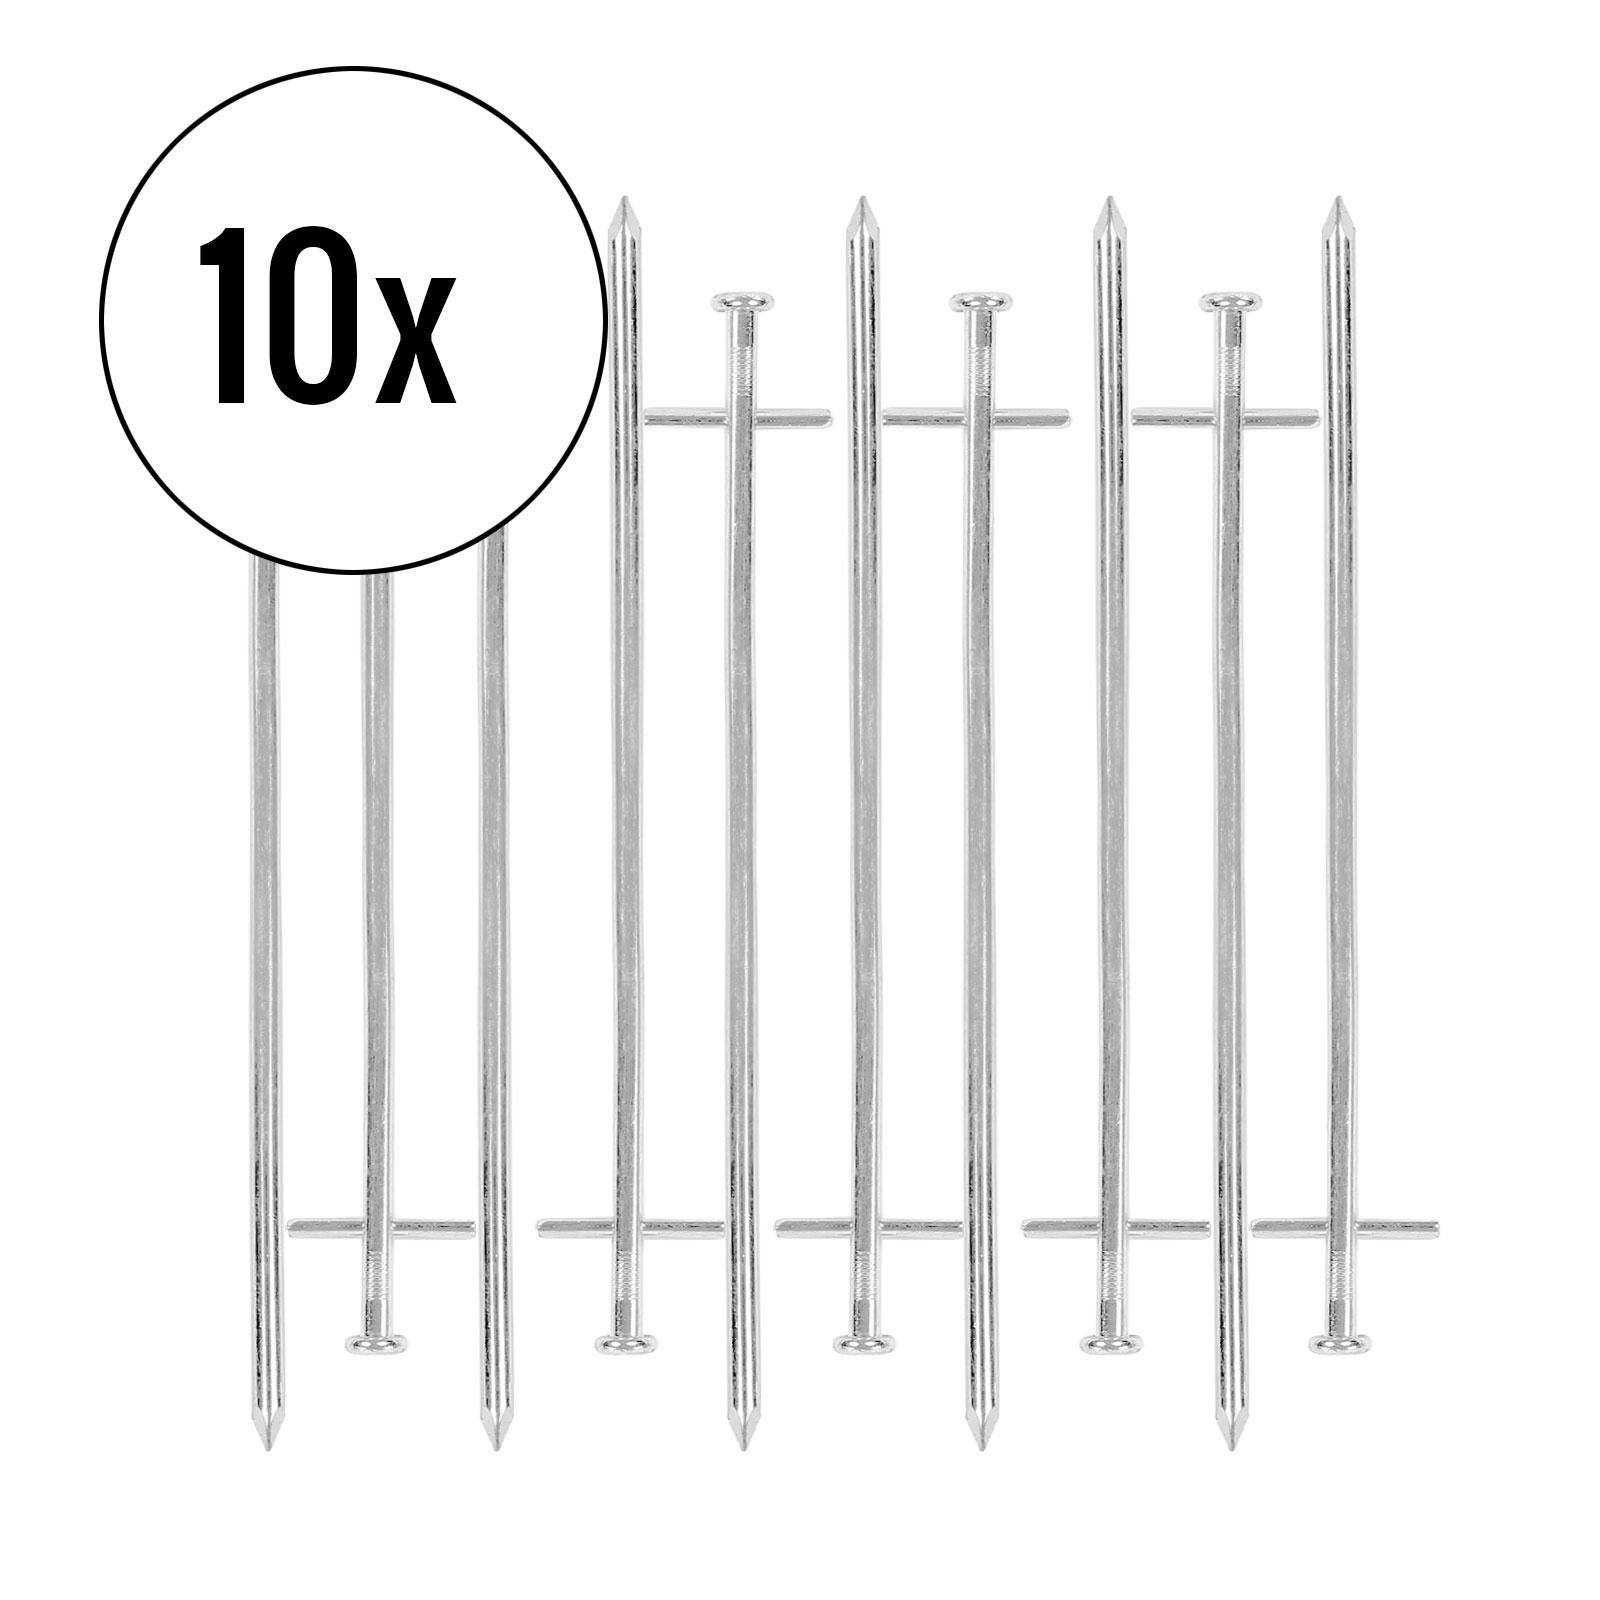 Zeltheringe für harte Böden 10er Set, silber, 23 cm, Stahl